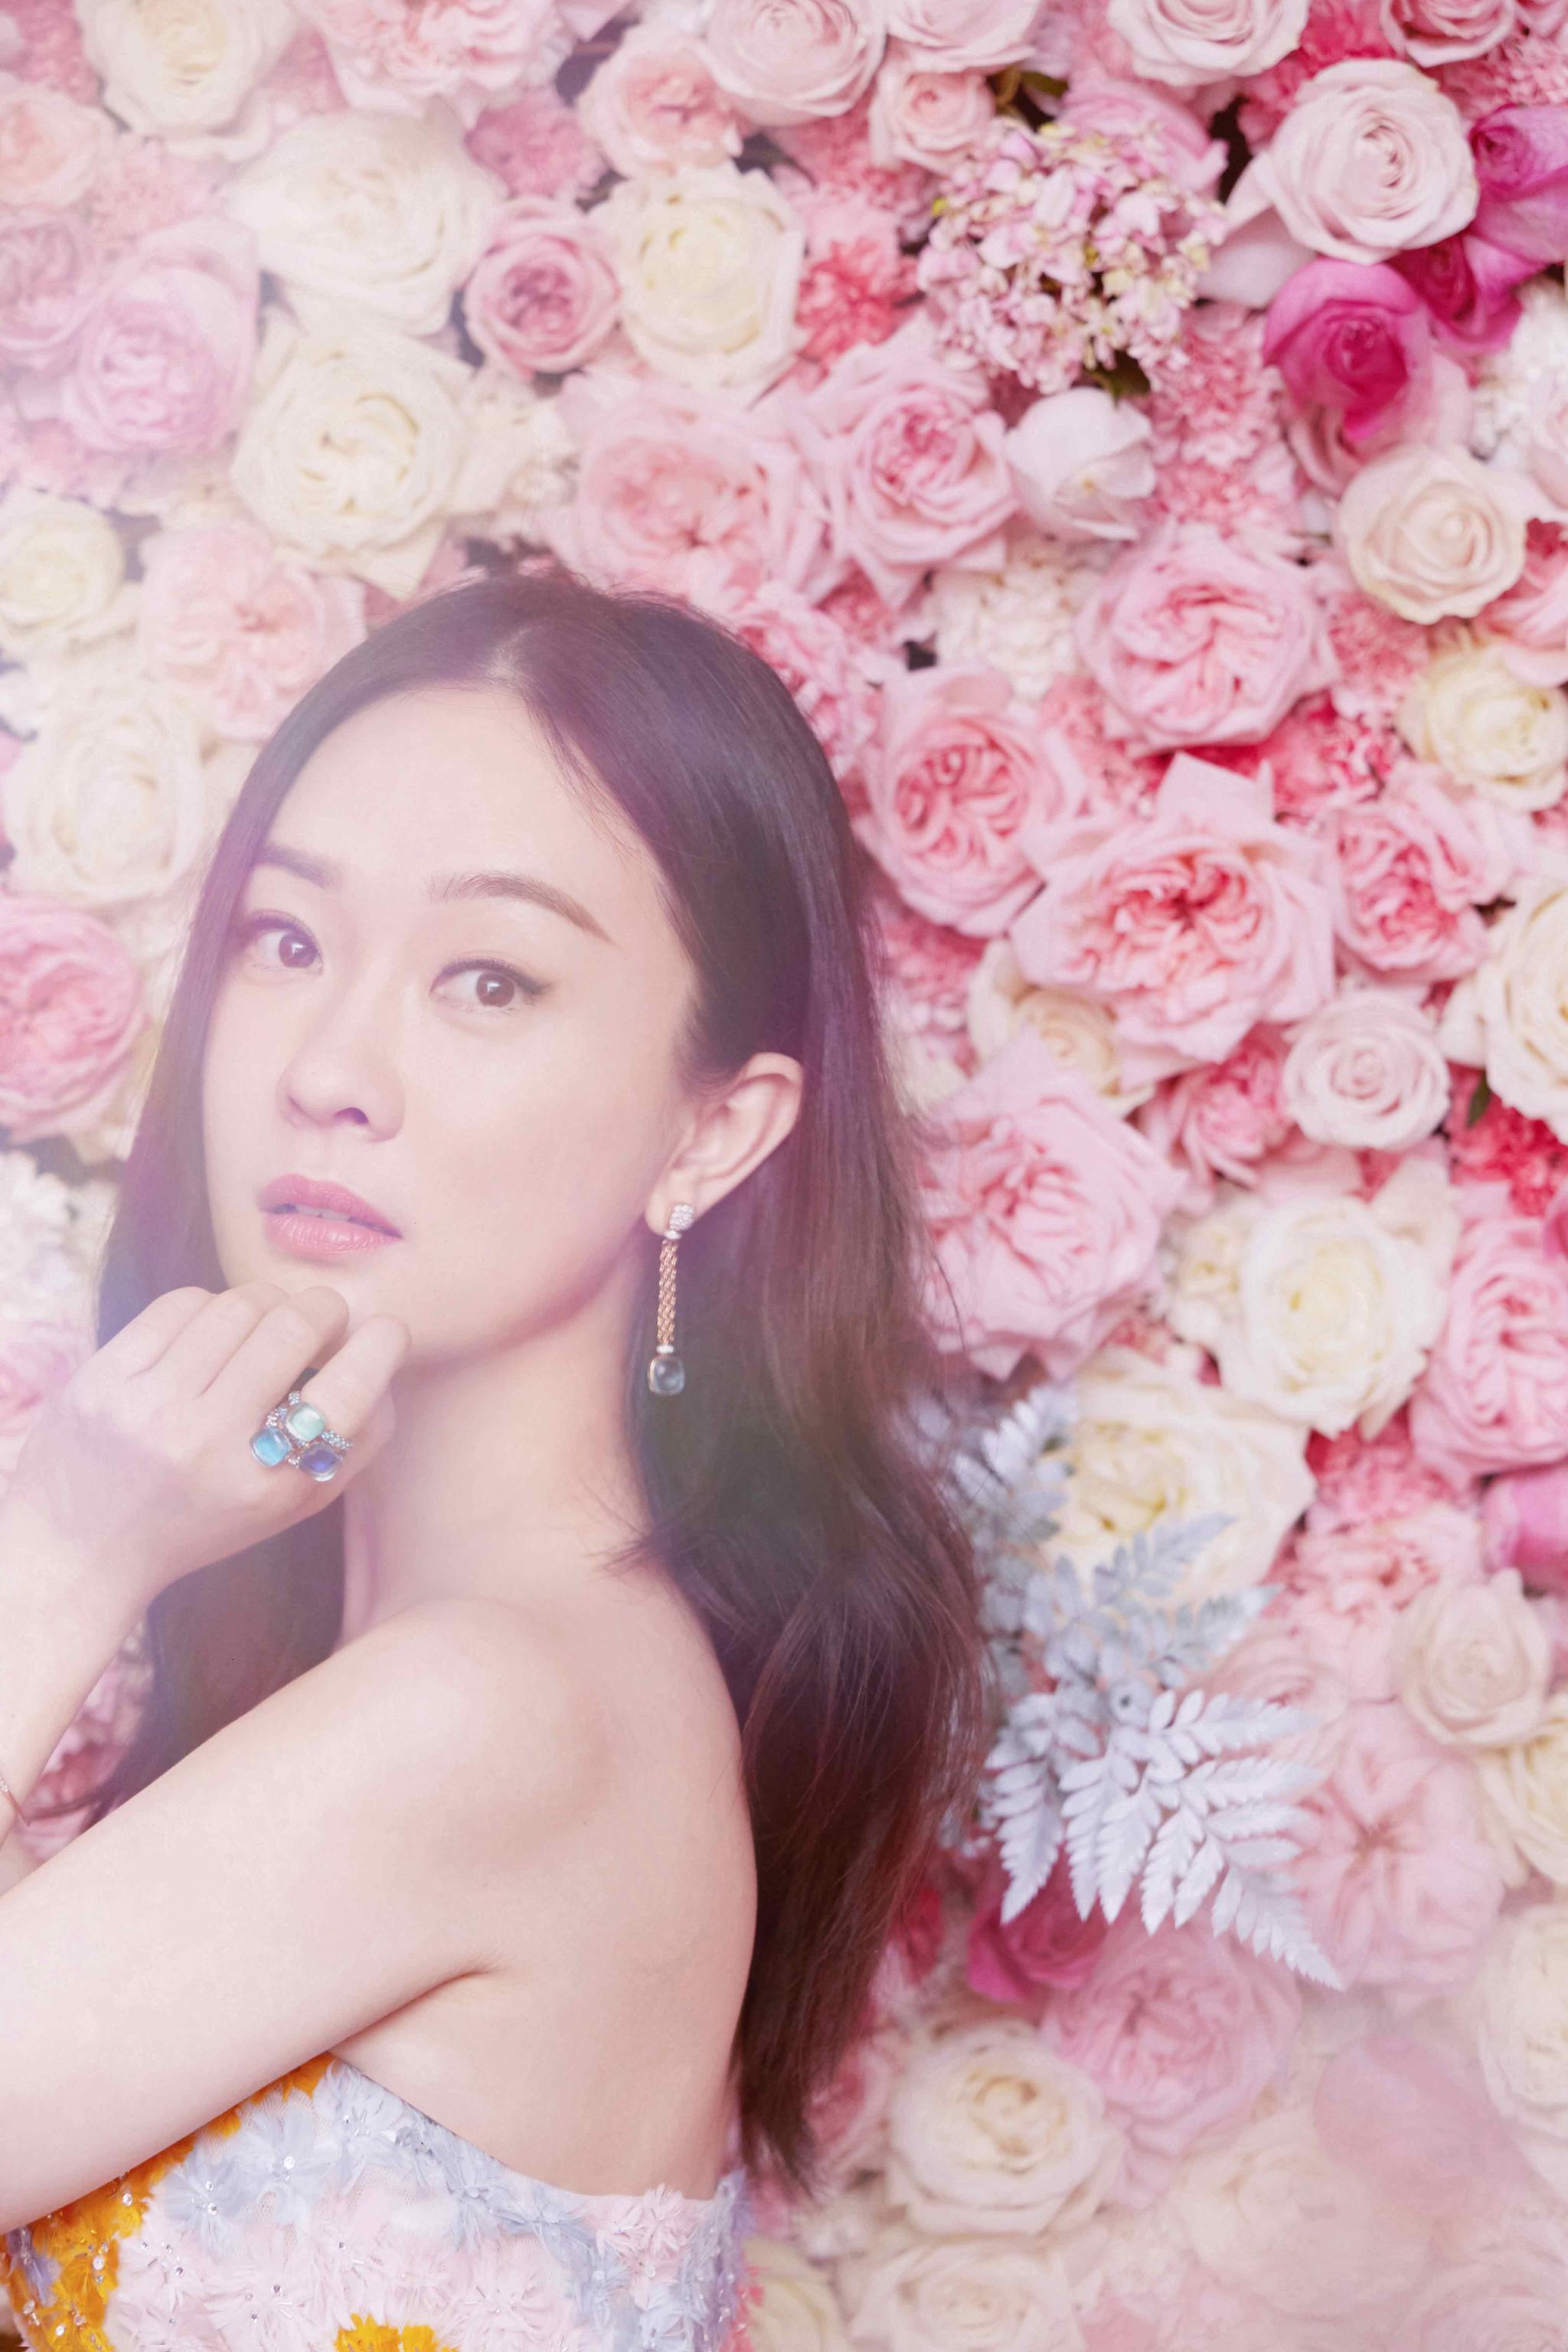 霍思燕锦鲤花朵裙仙气十足杜江为今年首个华语电影奖开场致辞